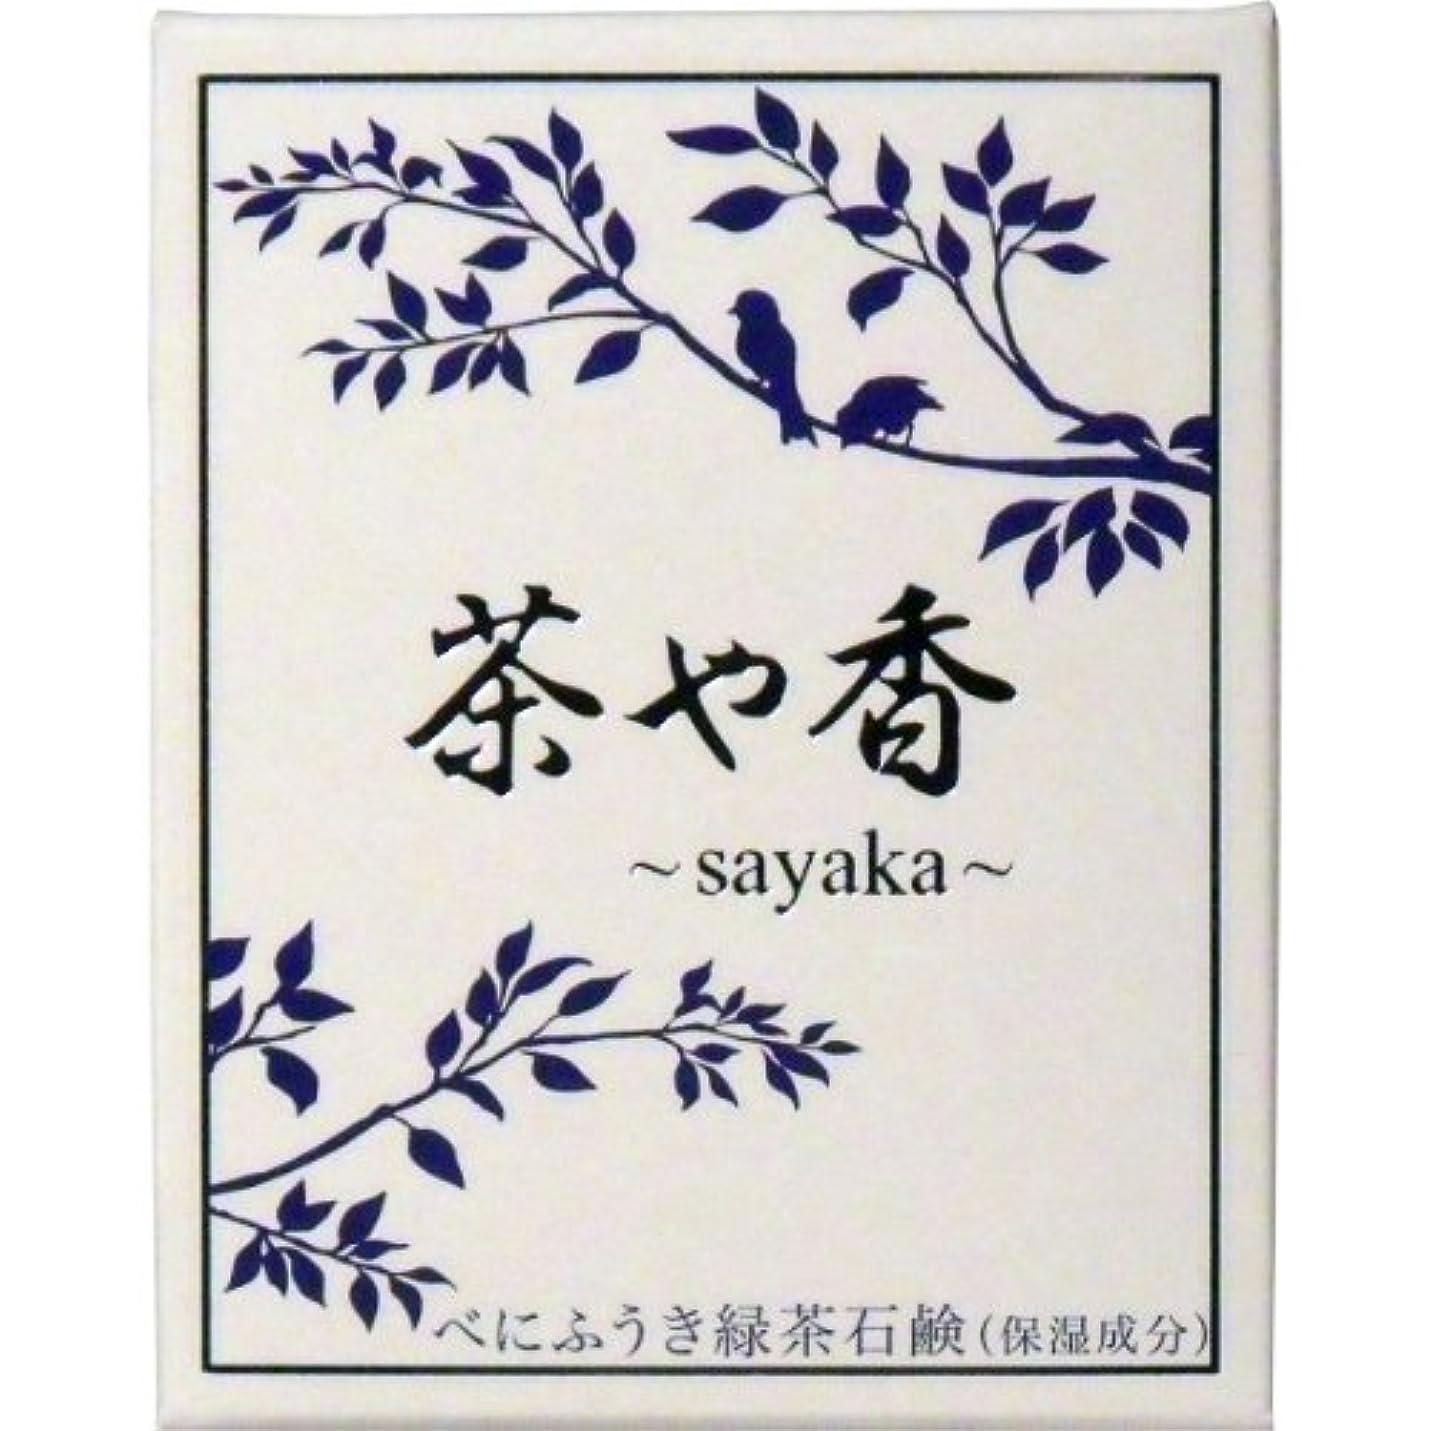 残る石膏アメリカ茶や香 -sayaka- べにふうき緑茶石鹸 100g入 ×5個セット